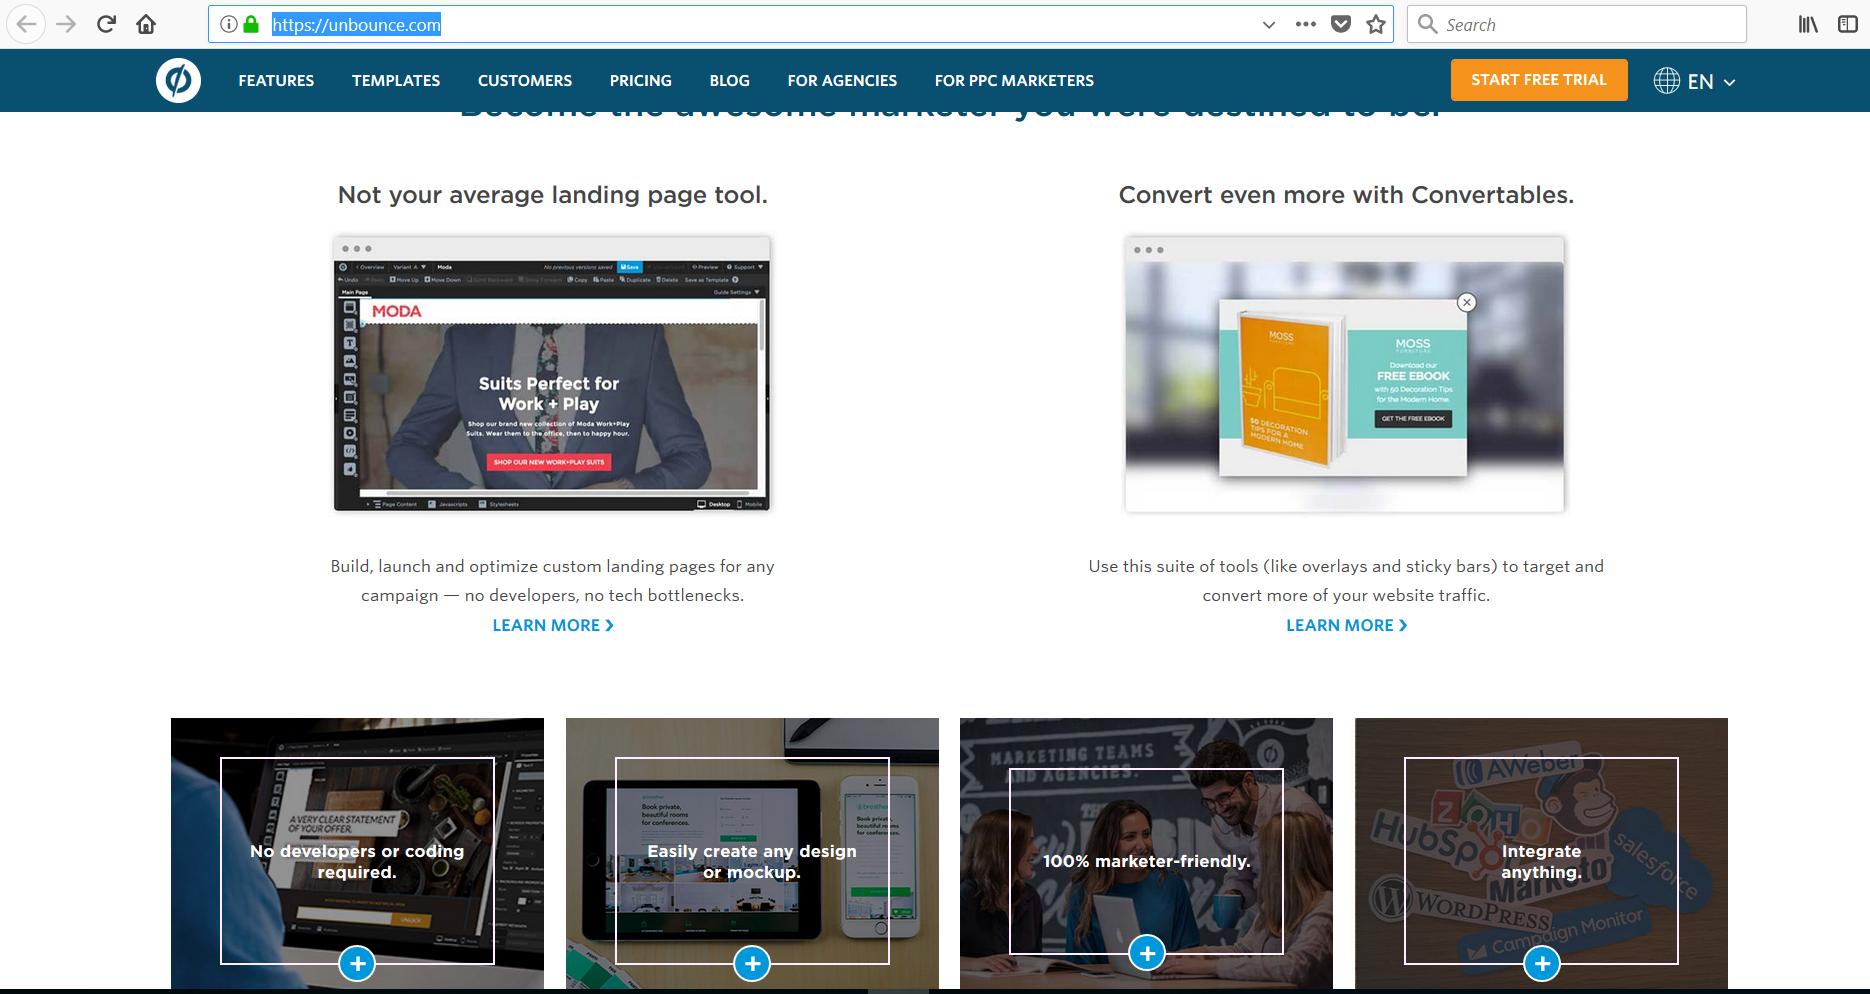 راهنمای تولید محتوای سایت